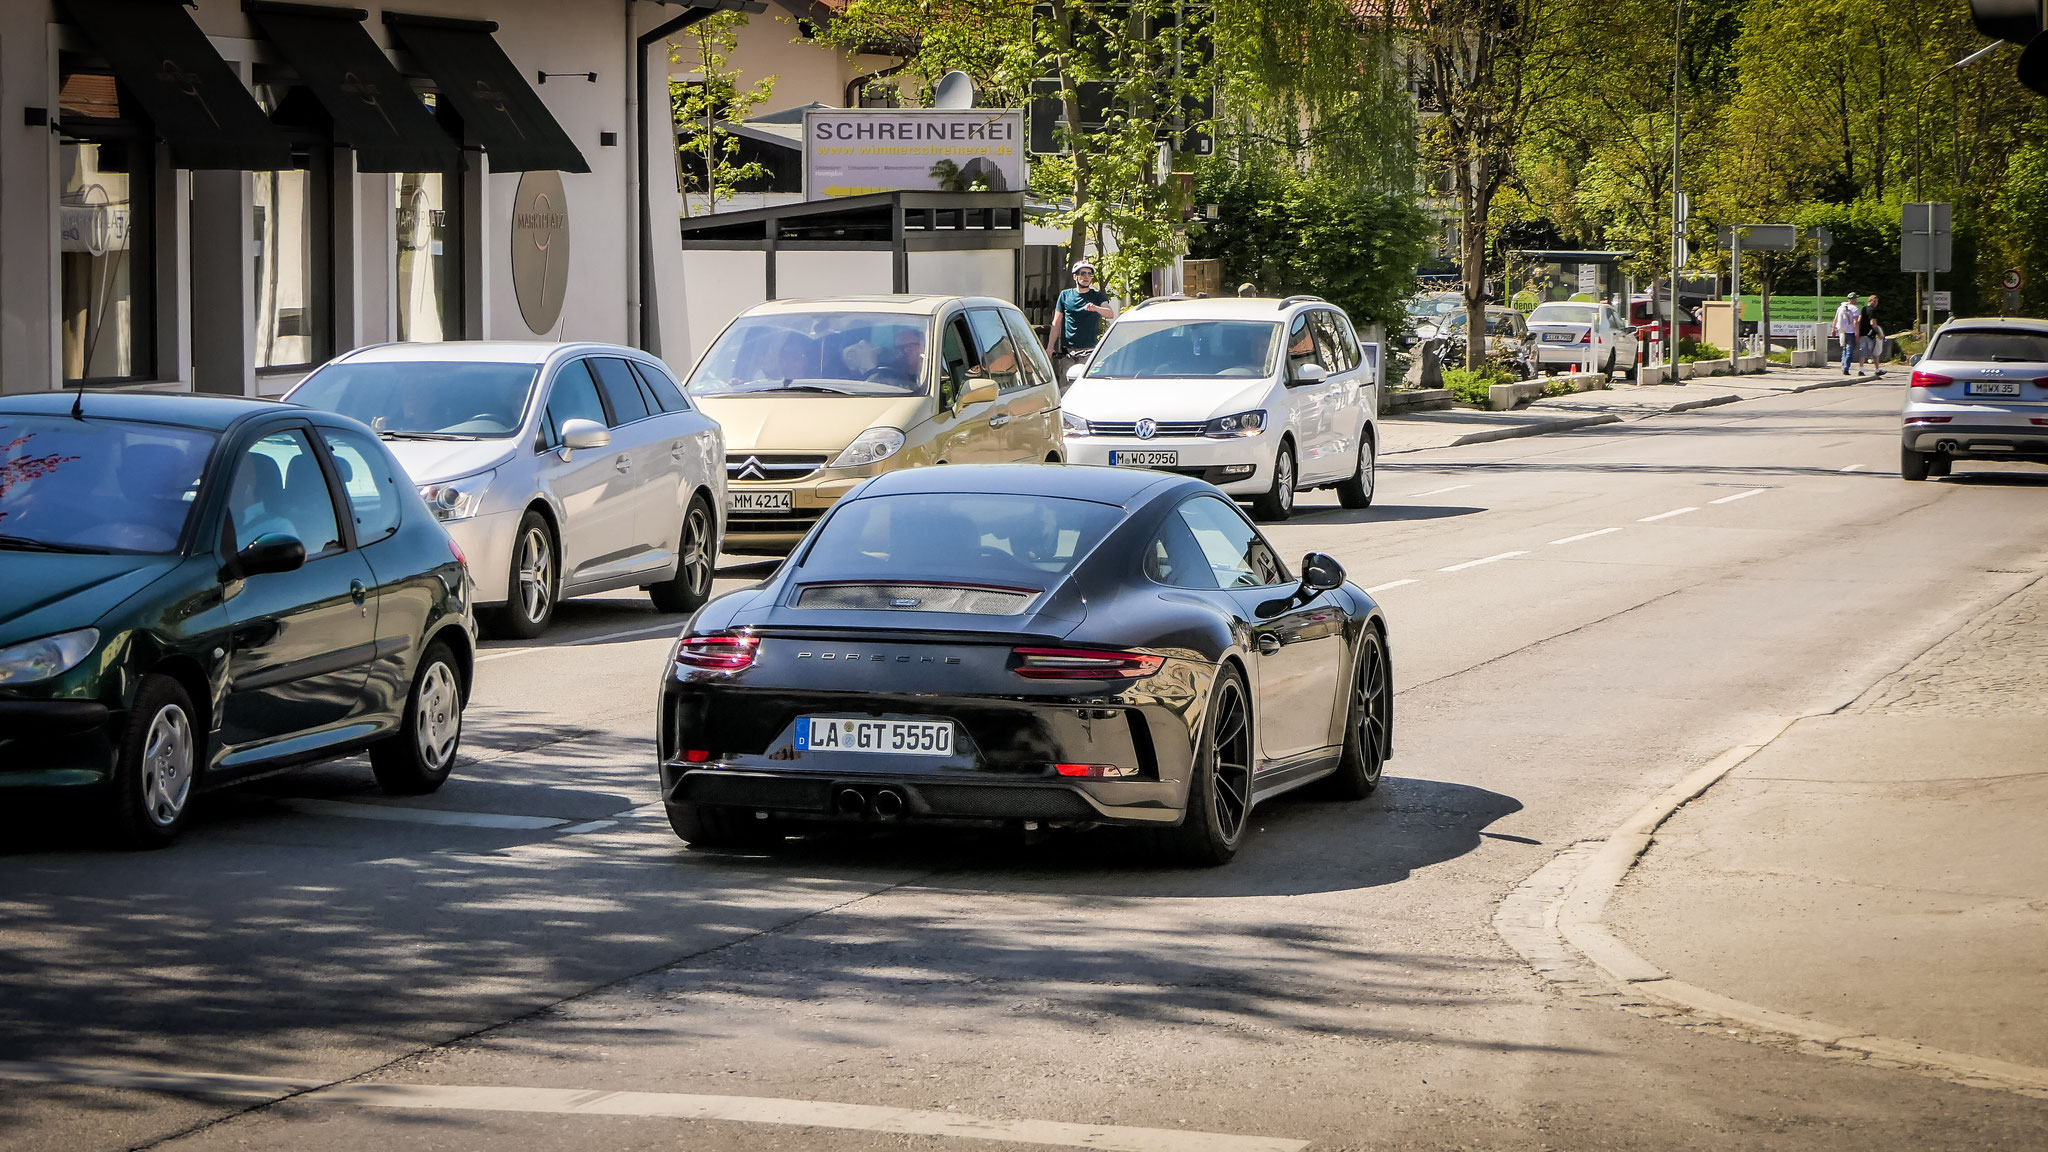 Porsche 991 GT3 Touring Package - LA-GT-5550